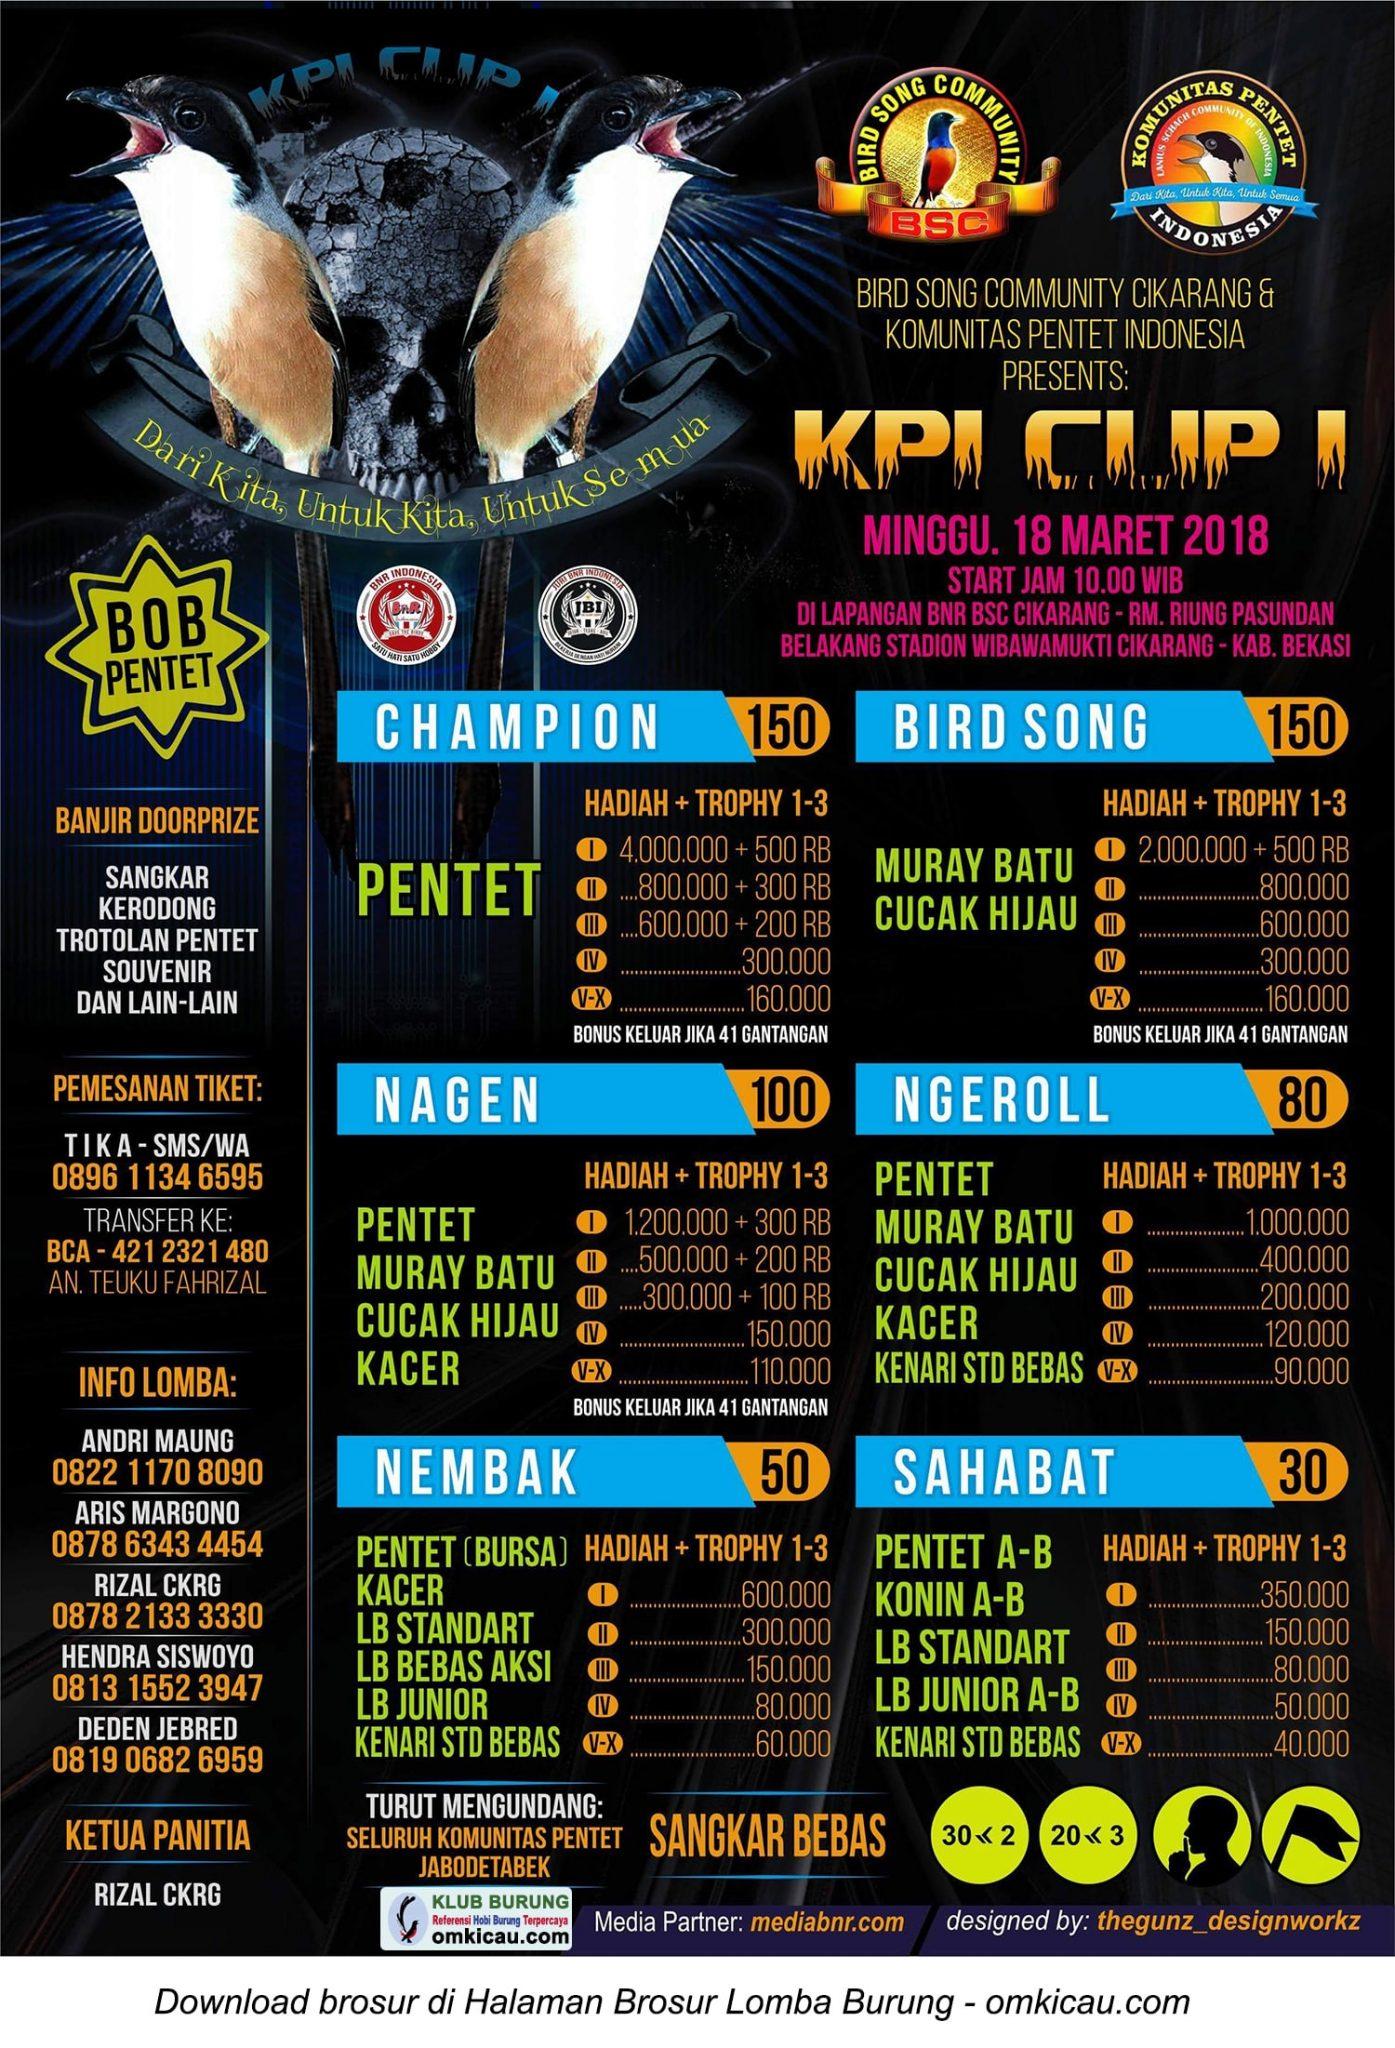 Kpi Cup I Di Bekasi 18 3 Kelas Utama Pentet Berhadiah